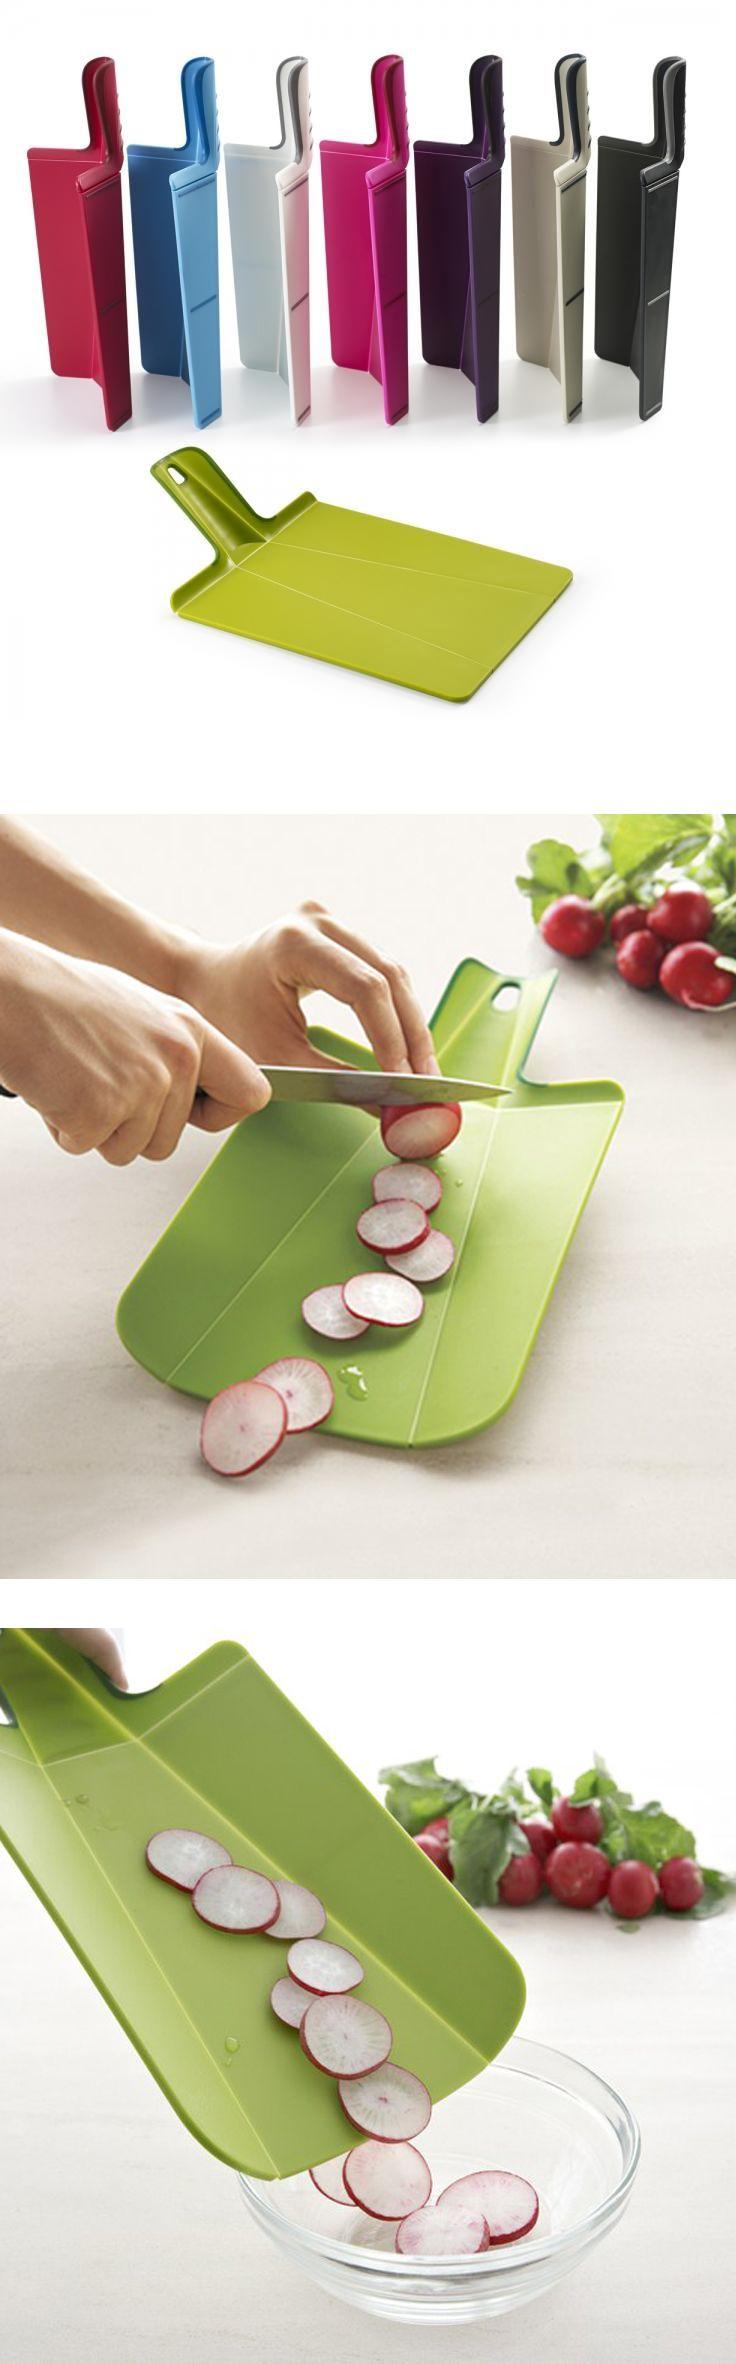 Skladací krajecí prkénko od Joseph Joseph je skvělým pomocníkem v kuchyňě, ušetří Váš čas a zdokonalí celý průběh vaření. Kolekce Chop2Pot™.